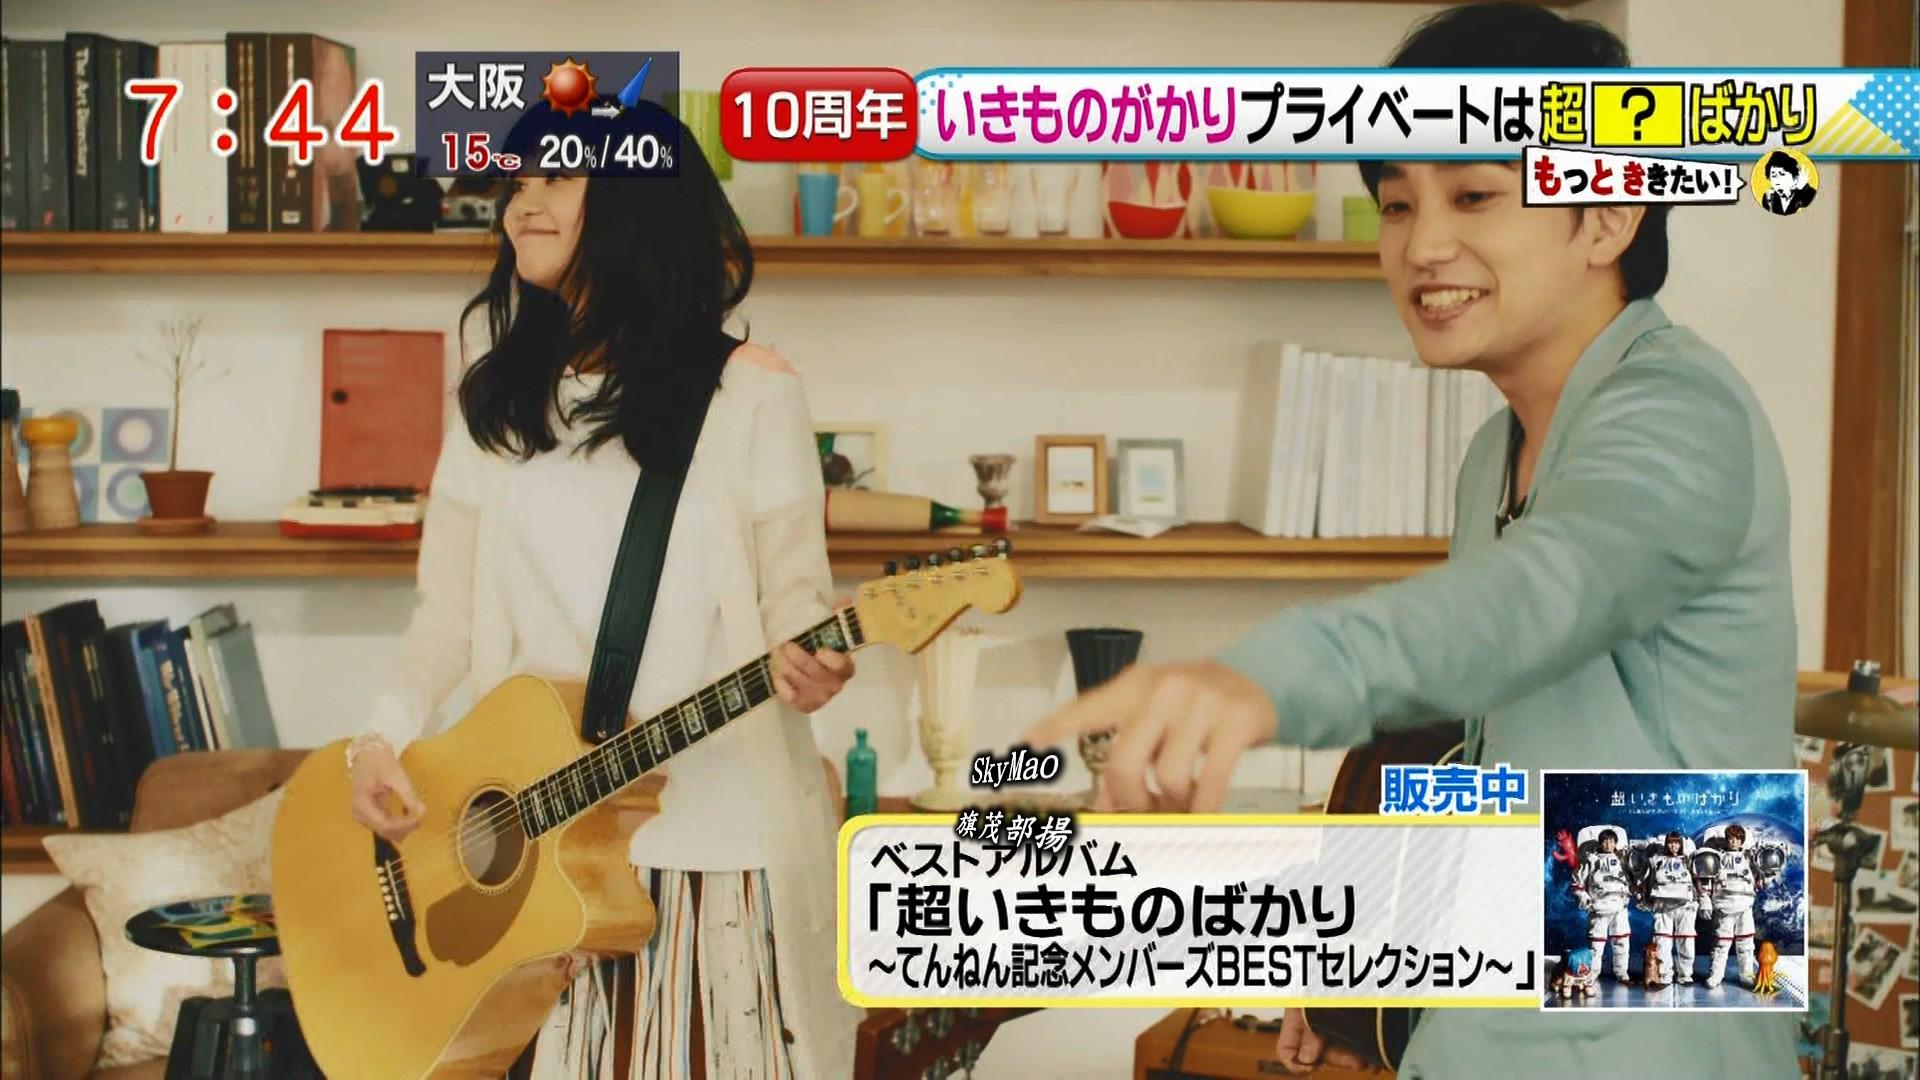 2016.03.28 いきものがかり(ドデスカ!).ts_20160328_141615.452